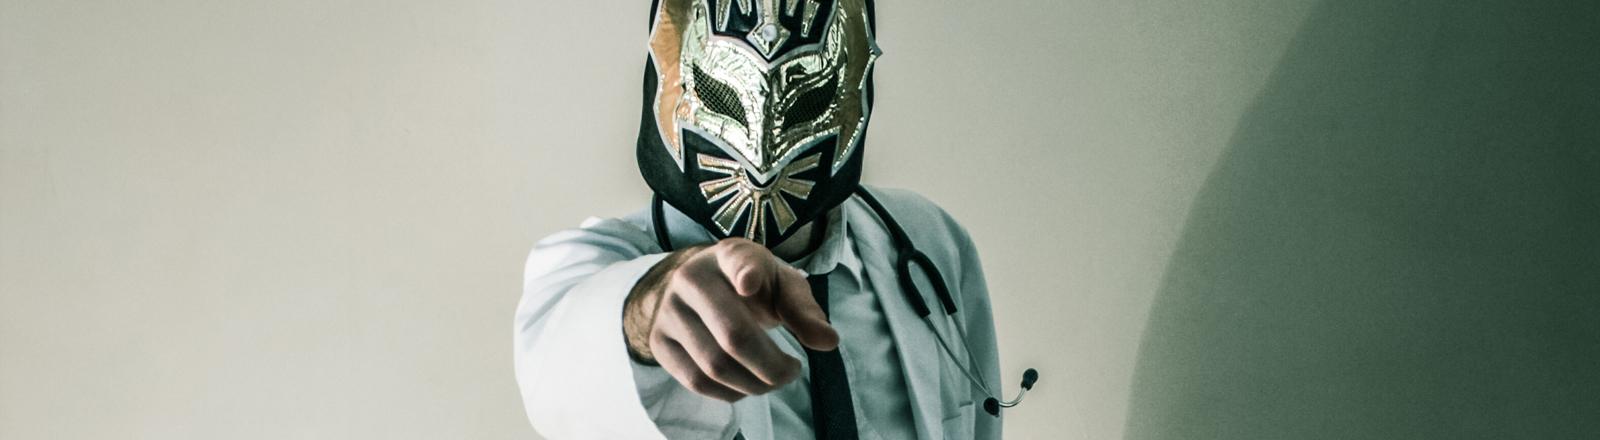 Arzt mit Wrestlermaske.